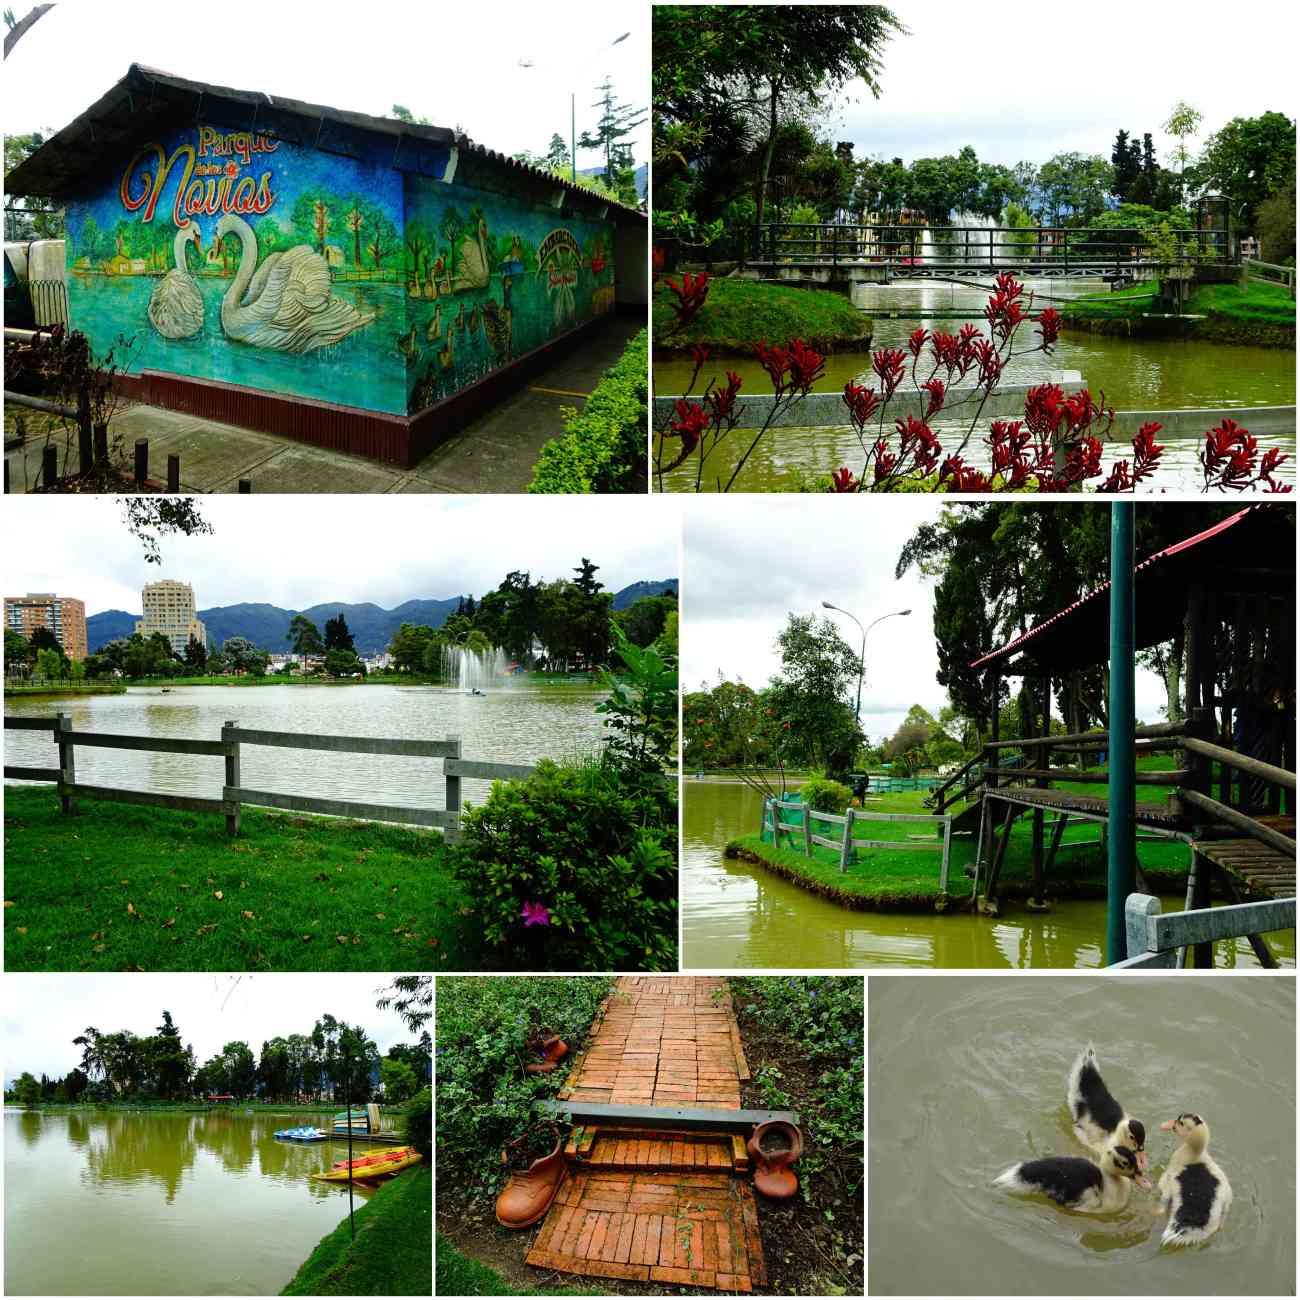 Bogota_parque_novios